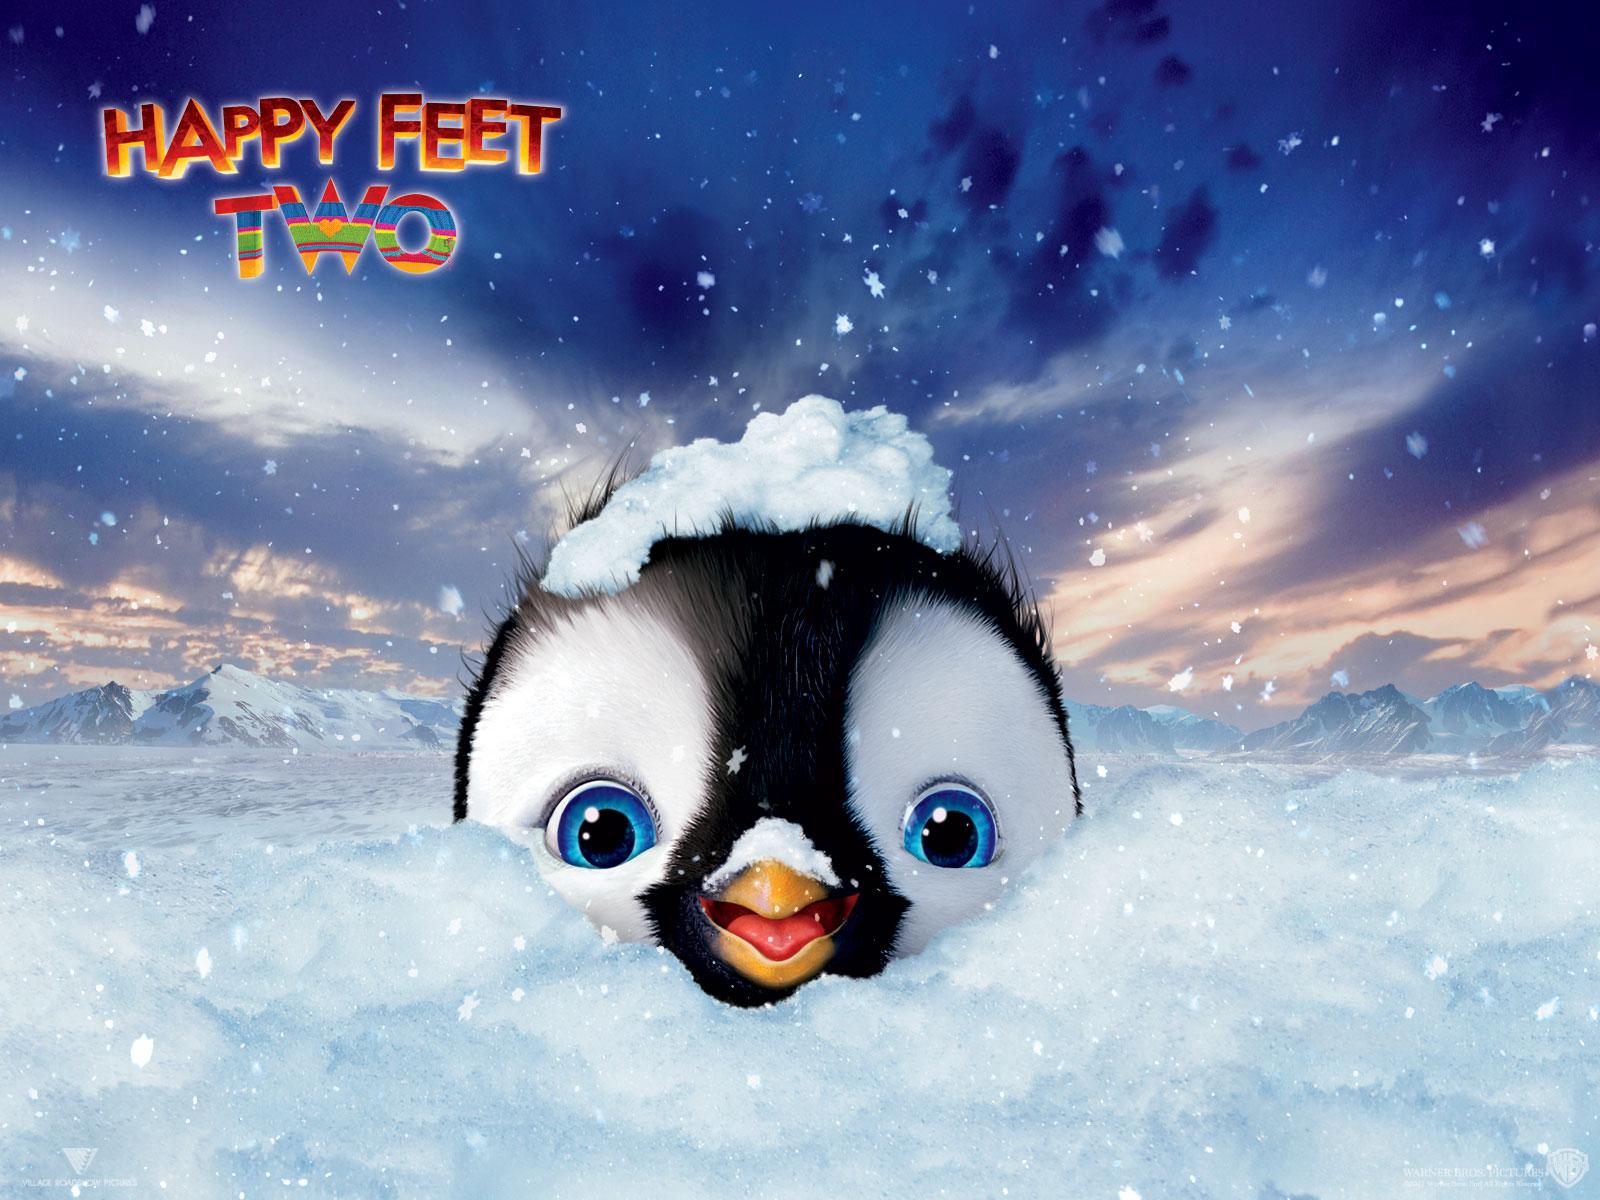 http://3.bp.blogspot.com/-lgTOnTX-OGI/TuK4N5HiGAI/AAAAAAAAASM/Sq4-4uPyVzw/s1600/Happy+Feet+Two+2.jpg